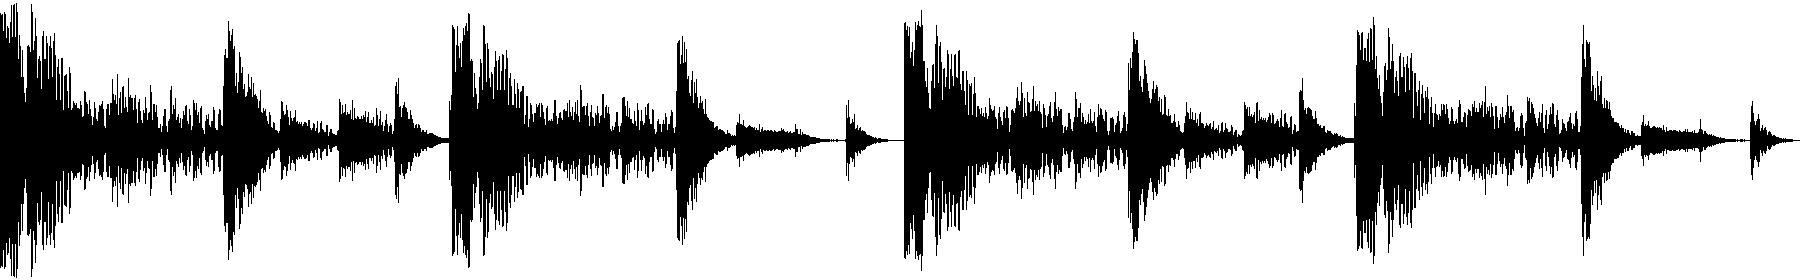 blbc electrodrums 130 01